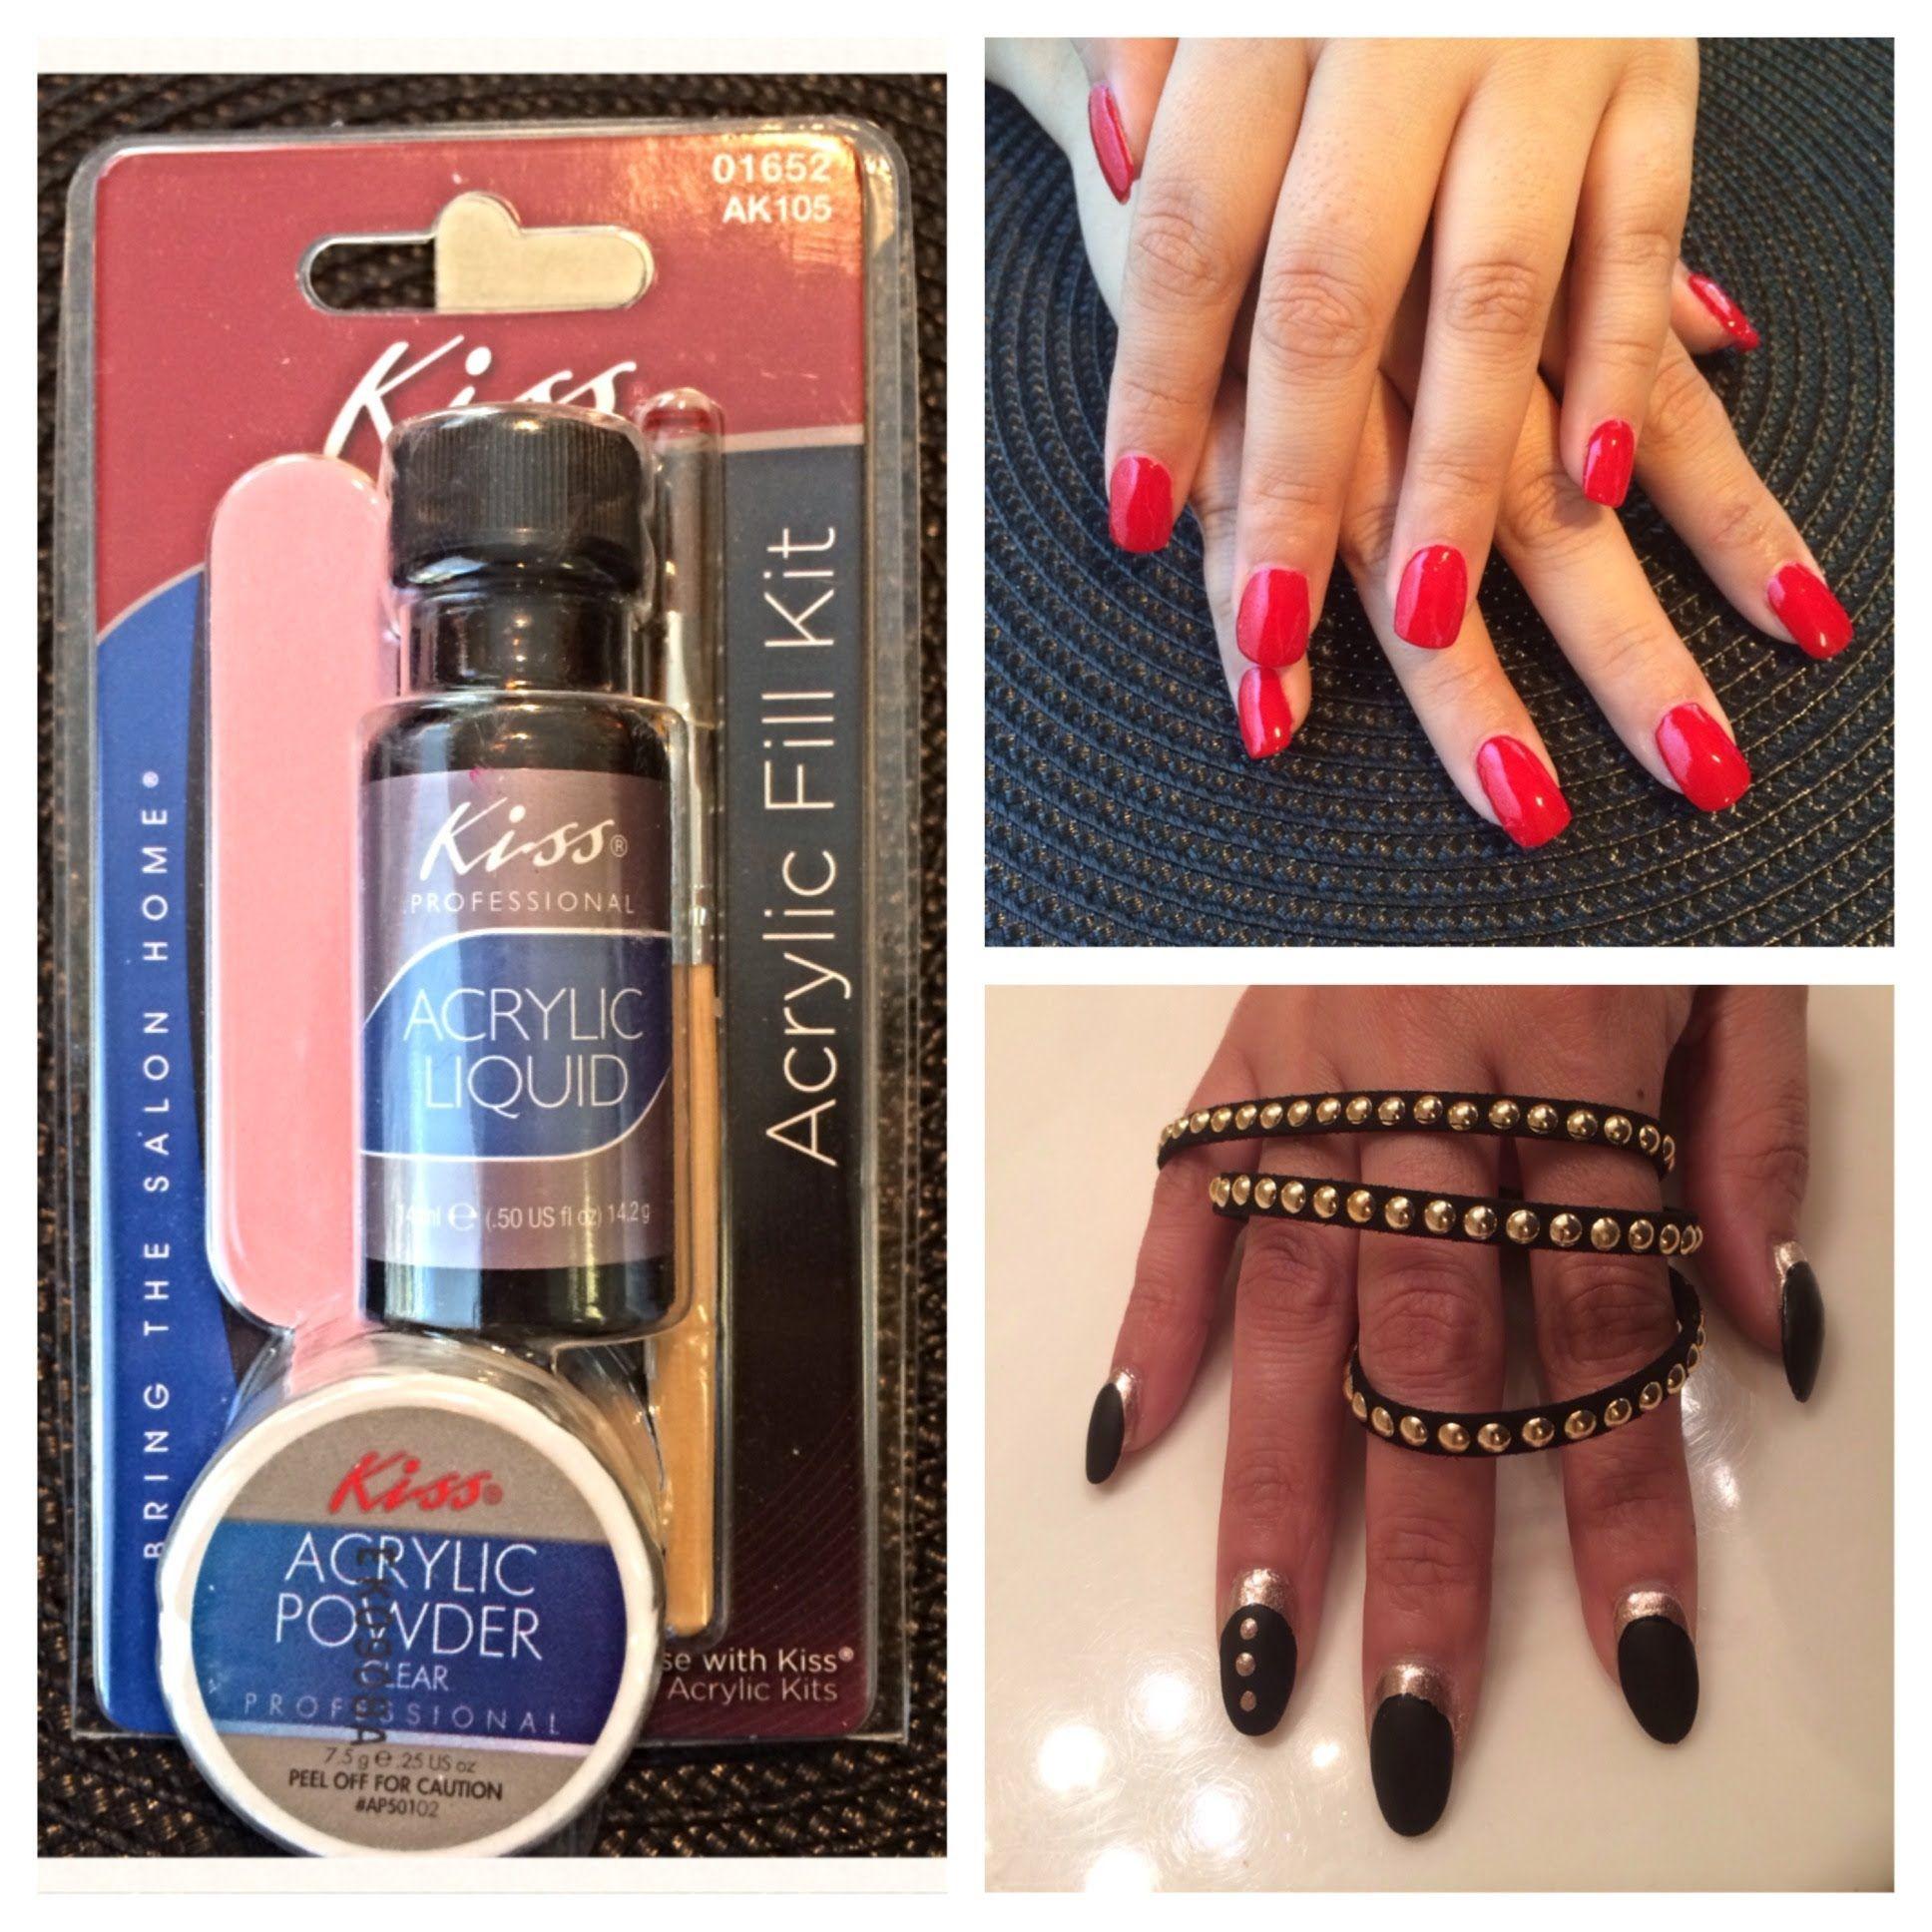 Kiss Acrylic Nail Kit Review And Demo Diy I Can Do My Own Nails Finally Acrylic Nail Kit Acrylic Nail Supplies Nail Kit